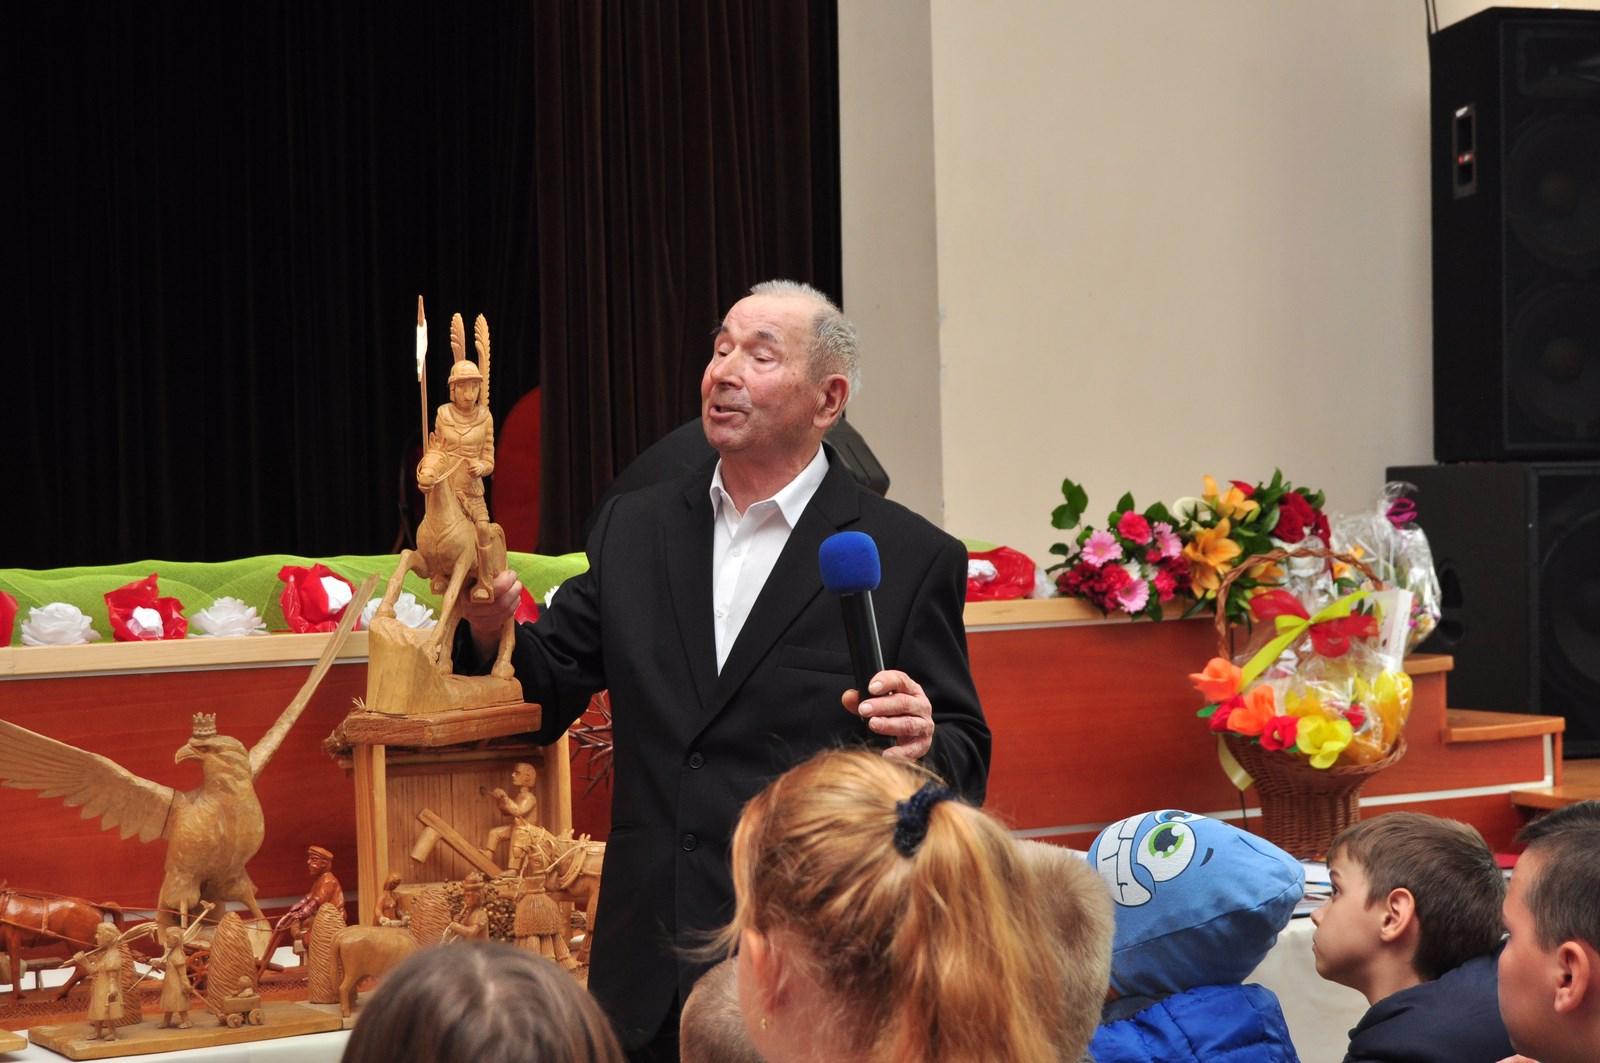 Jan Puk zaprezentował swoje prace w Majdanie Królewskim. Wystawę rzeźbiarza można oglądać jeszcze przez miesiąc   - Zdjęcie główne